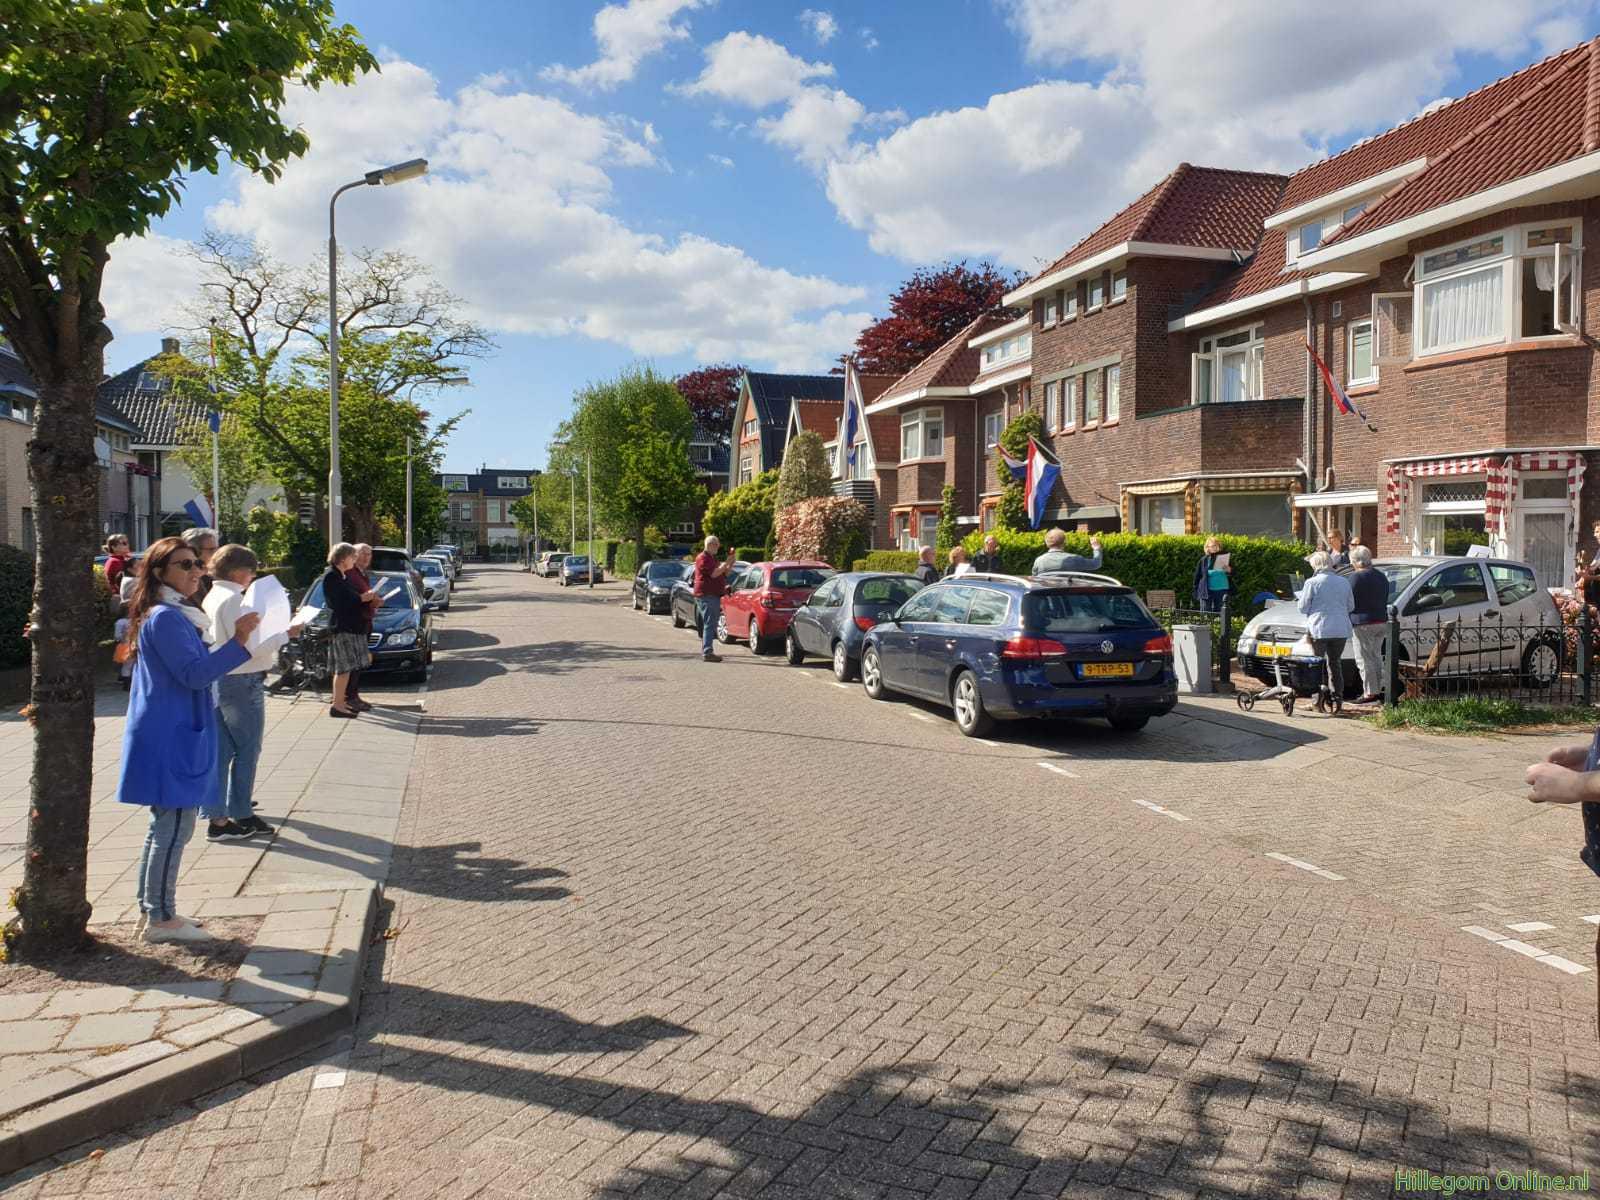 200505-Bevrijdingsdag-straatconcert-Corine-Zijderveld-110